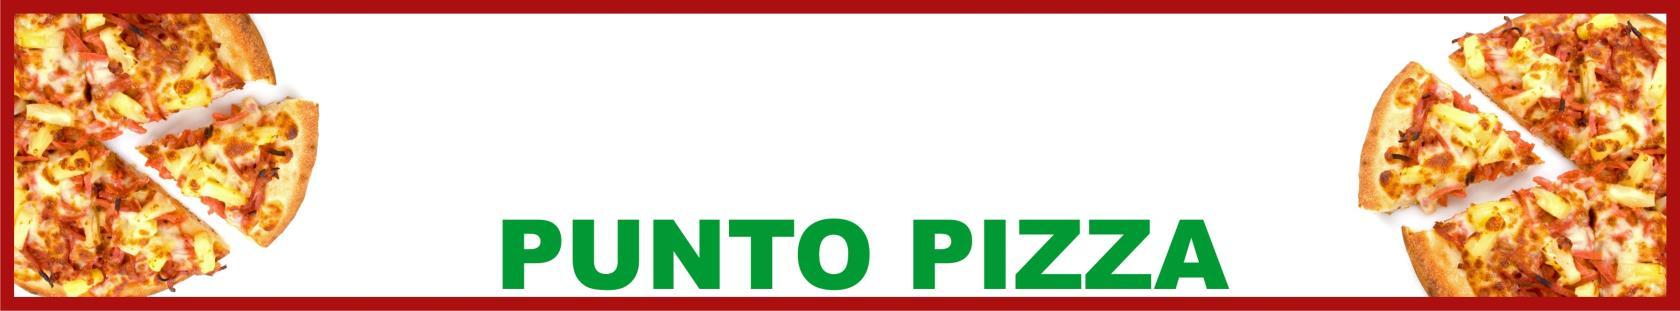 Pizzeria Alghero